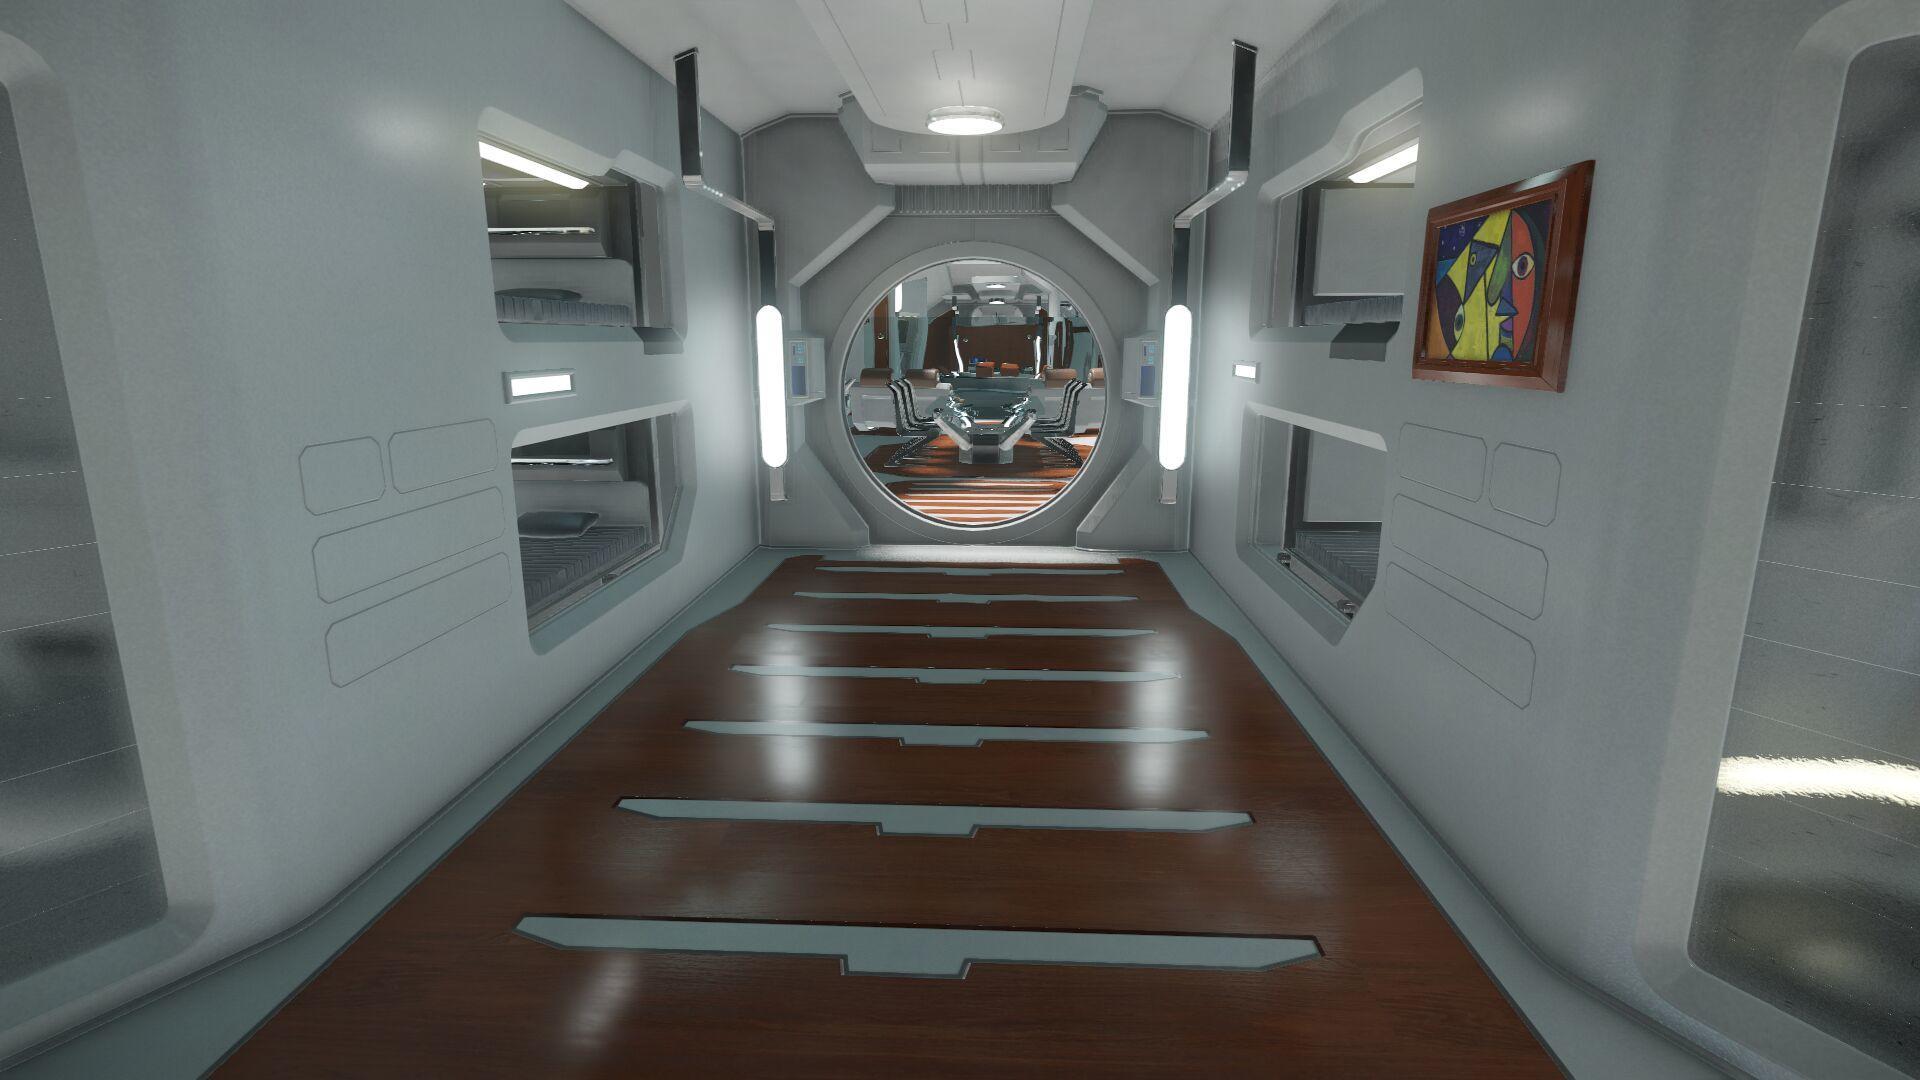 Wygląd wnętrza - główny pokład - sekcja załogi - widok na łóżka/kapsuły ratunkowe w kierunku tyłu statku